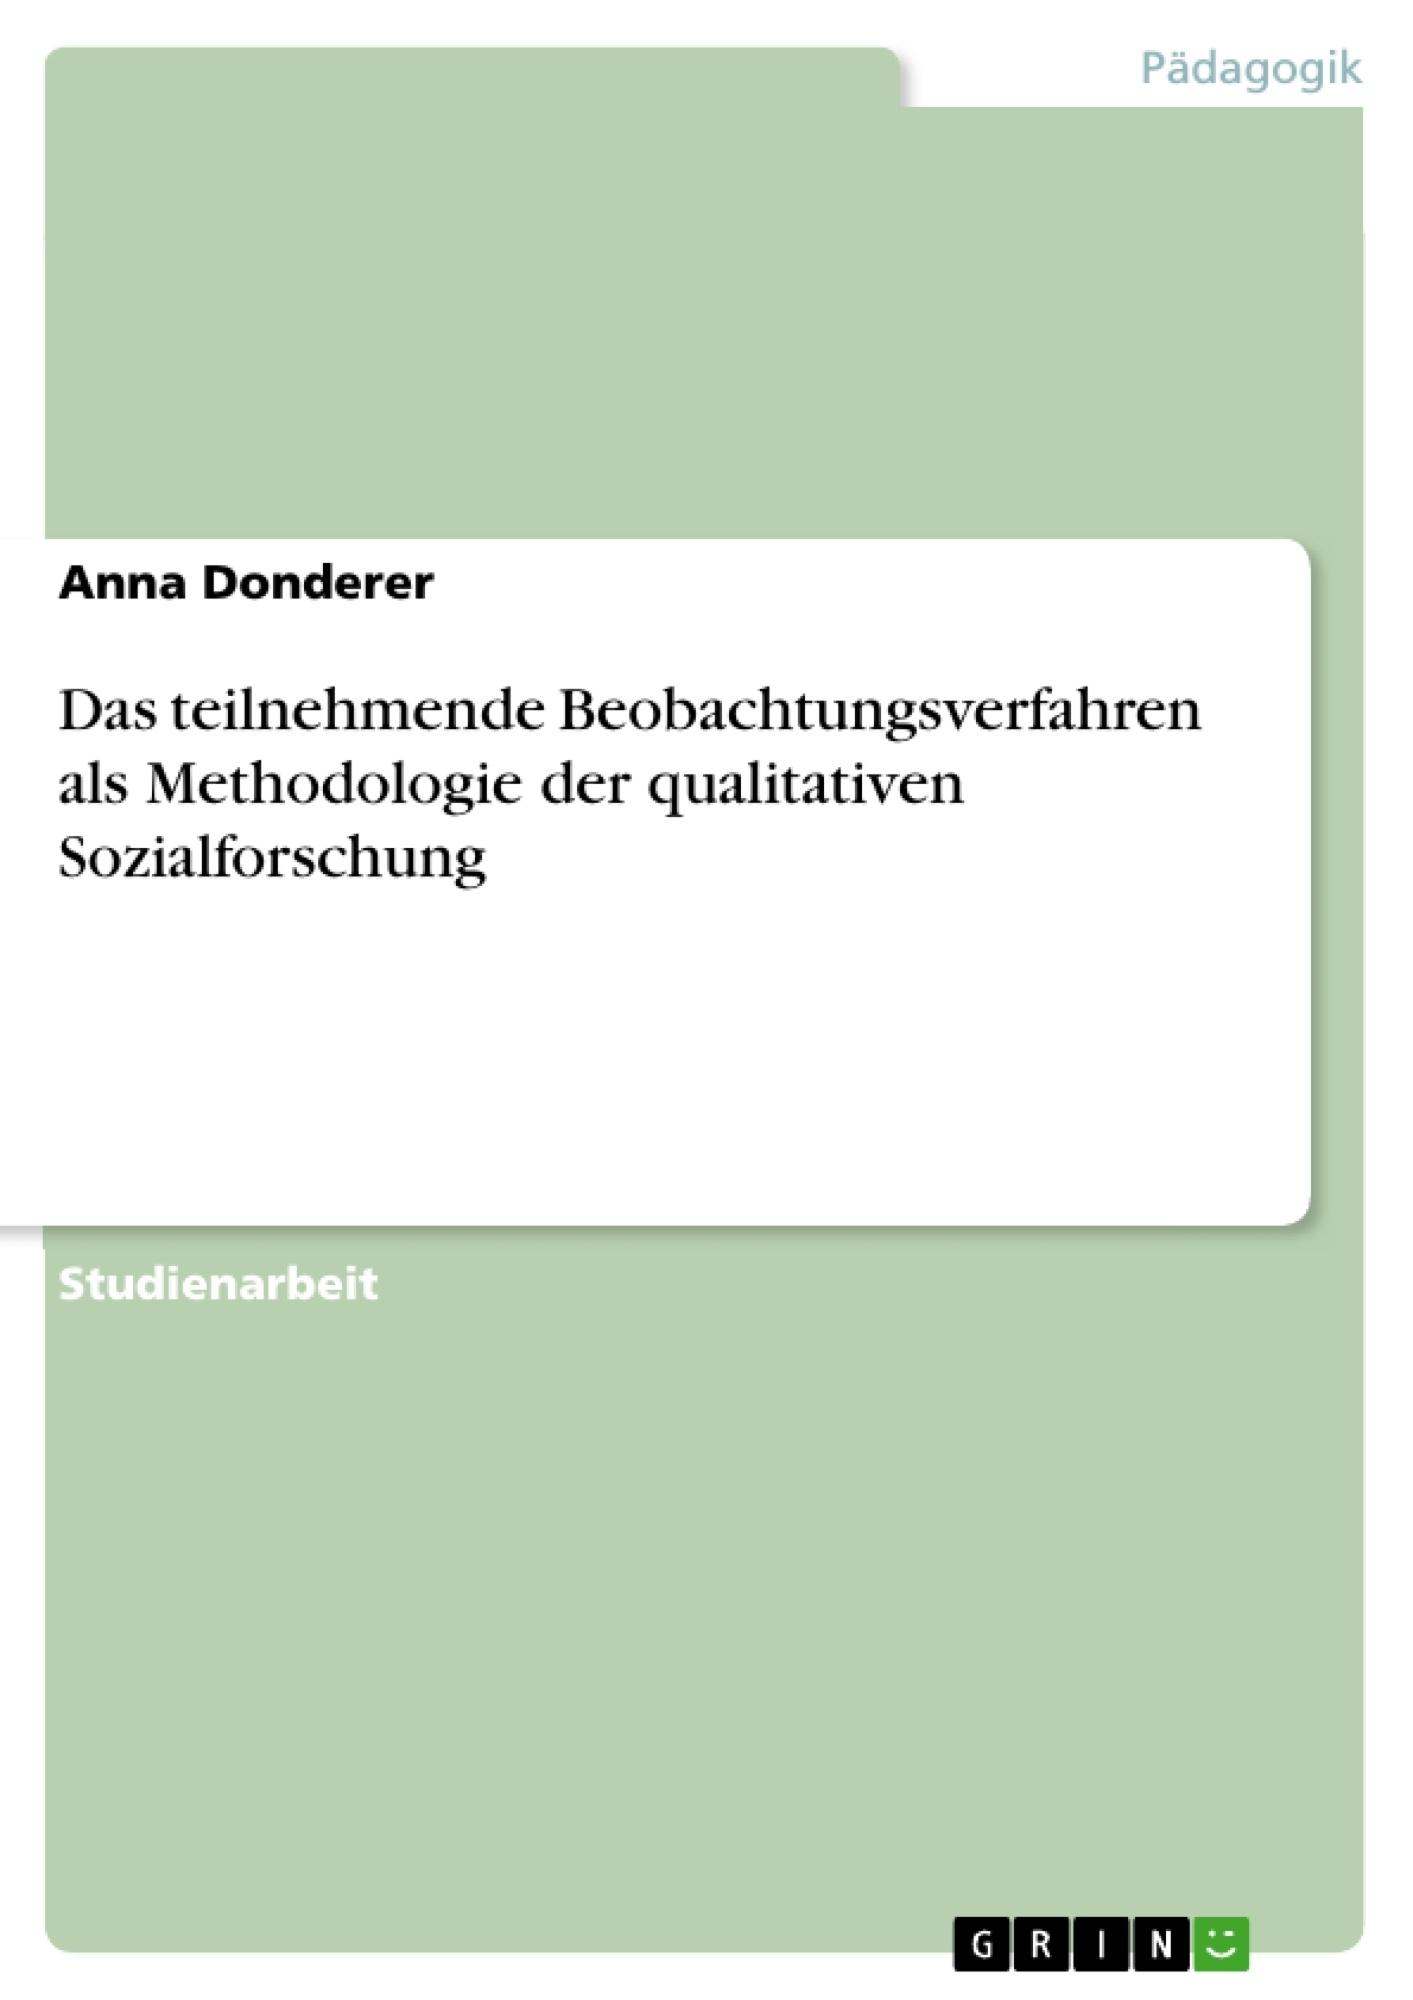 Titel: Das teilnehmende Beobachtungsverfahren als Methodologie der qualitativen Sozialforschung